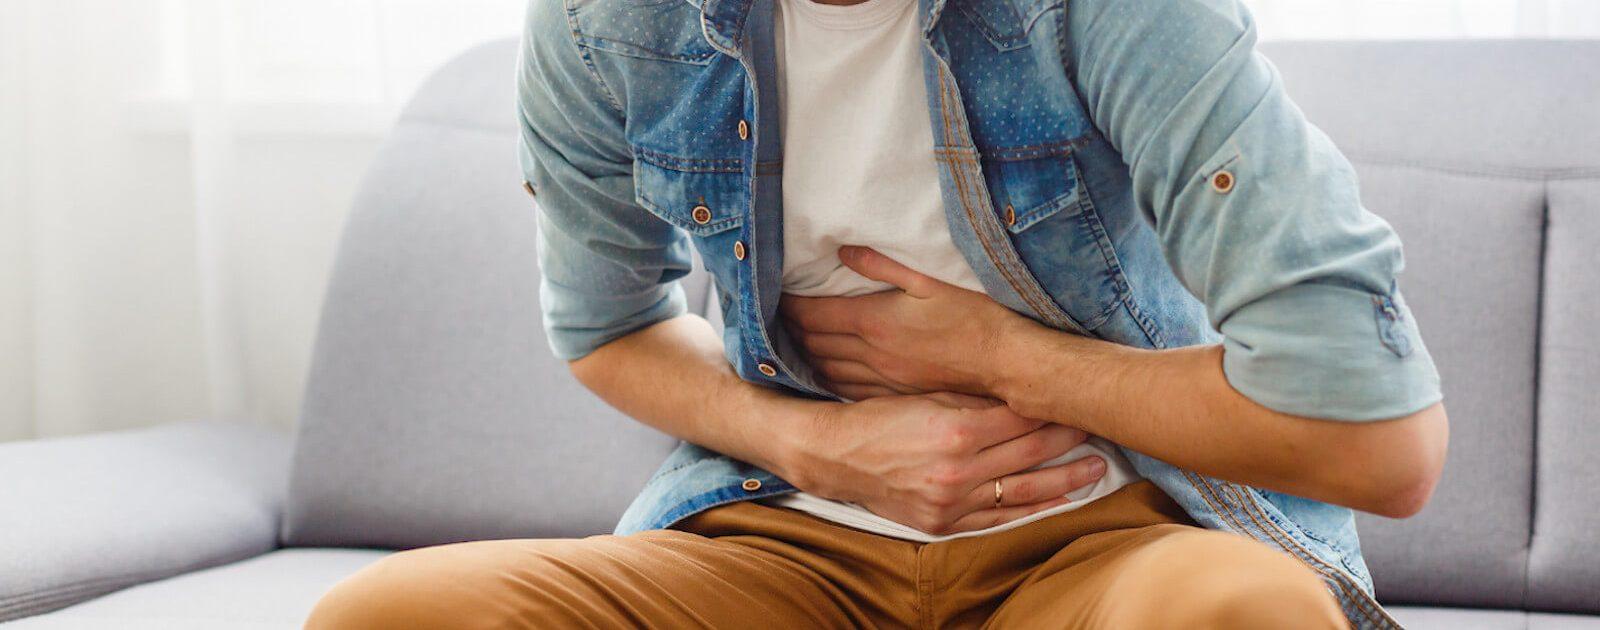 Mann leidet unter ständiger Übelkeit und hält sich den Bauch.